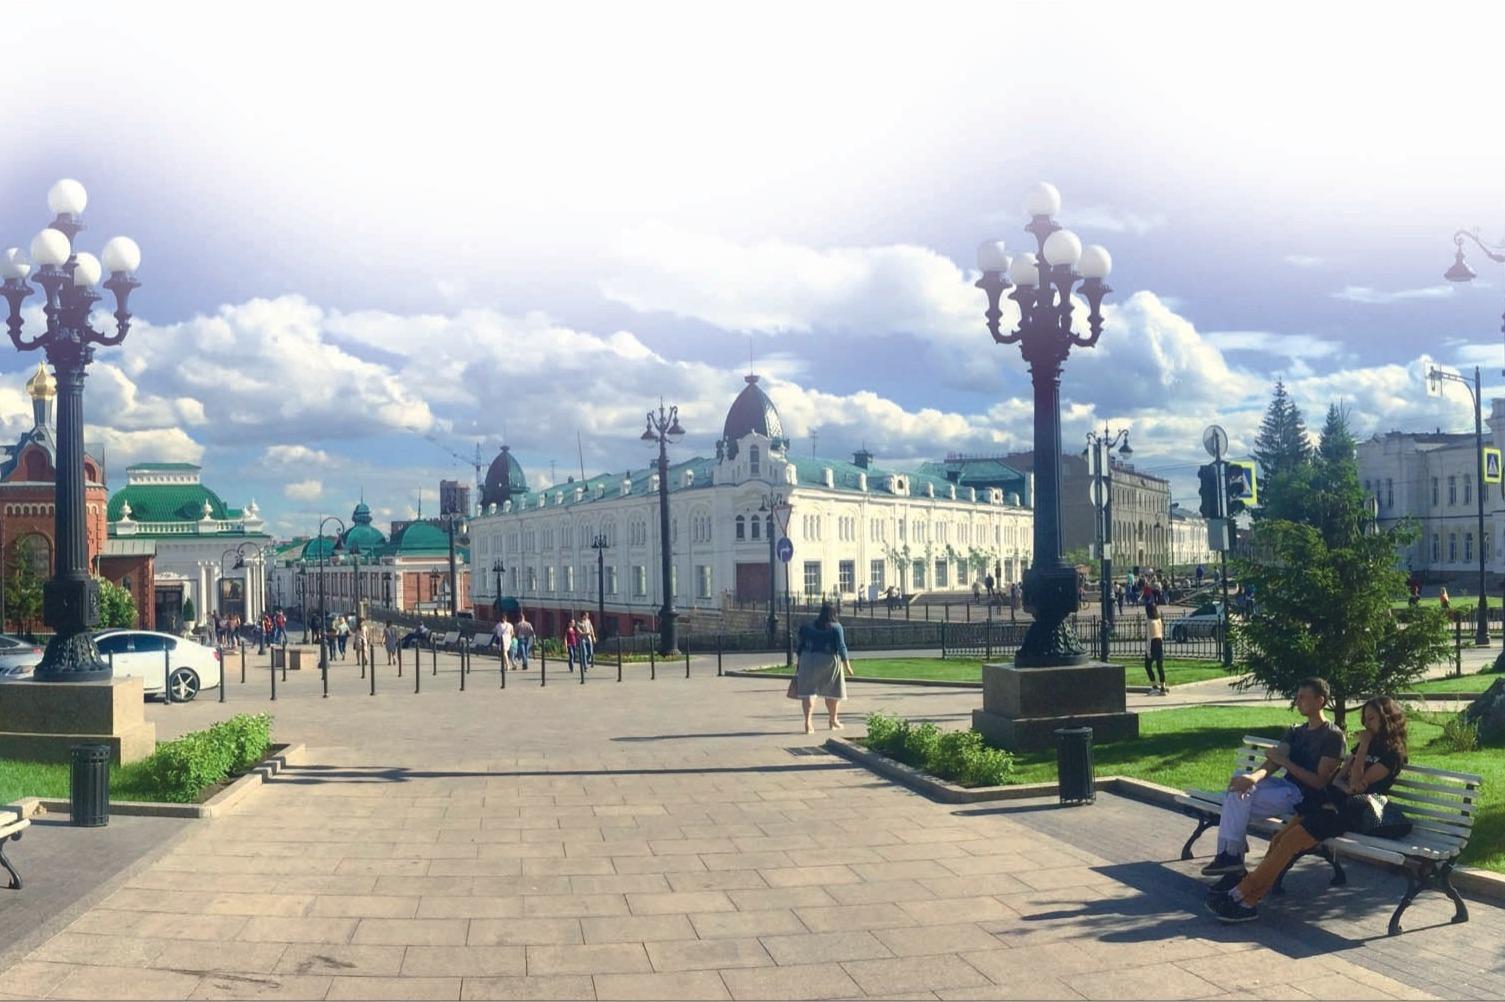 Виртуальная экскурсия по Любинскому проспекту